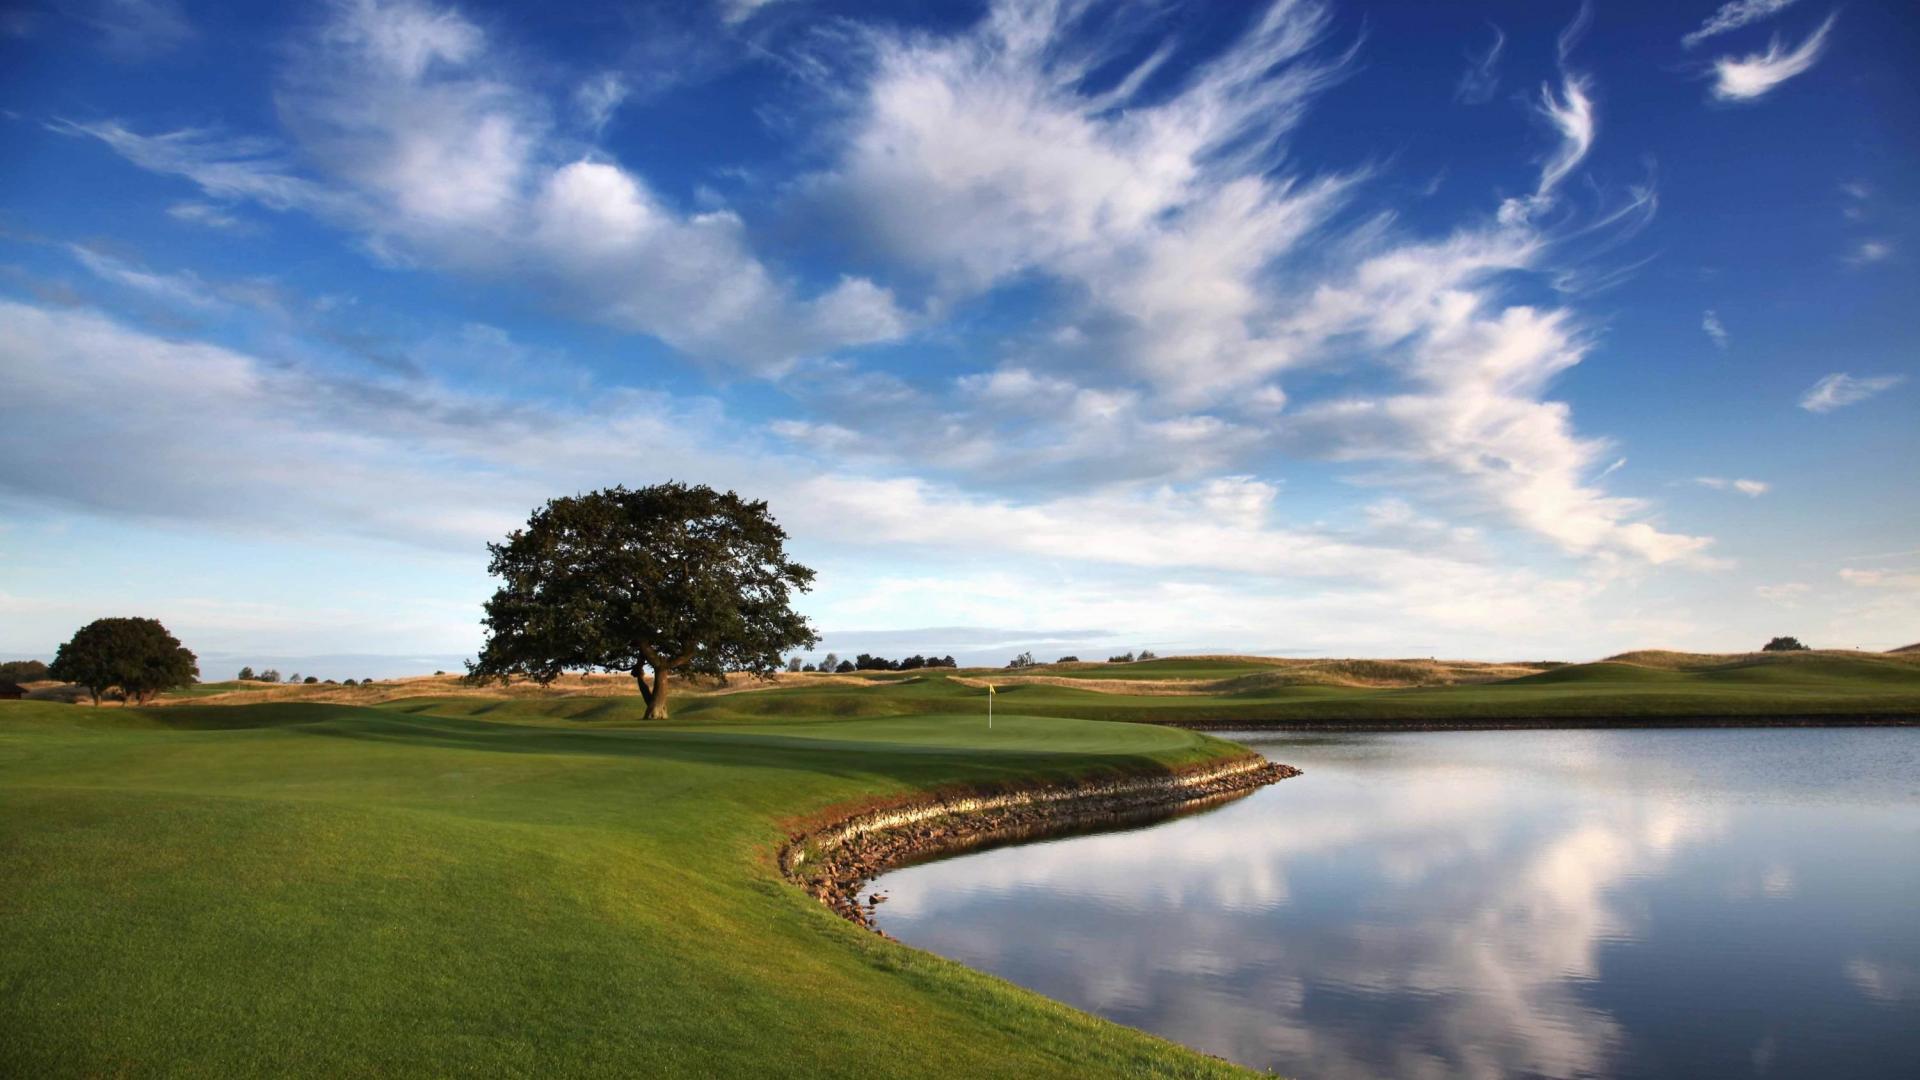 httpimagescicomhd golf course wallpaper 3404 hd wallpapershtml 1920x1080